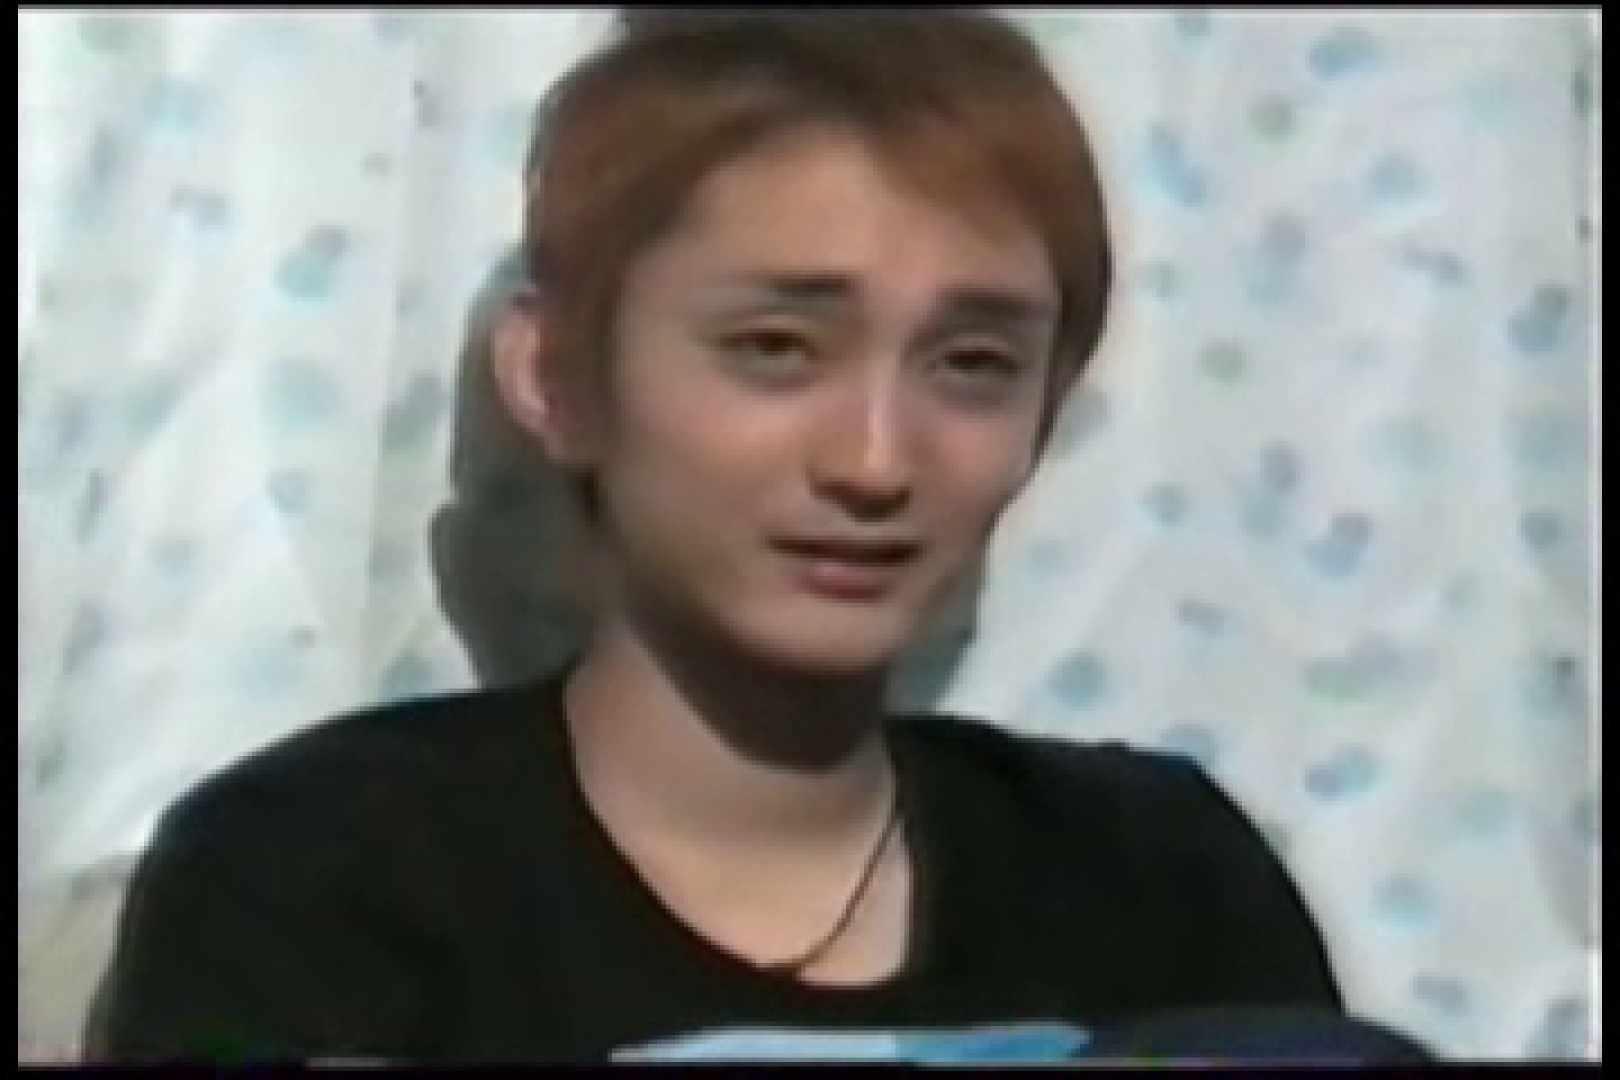 【流出】アイドルを目指したジャニ系イケメンの過去 射精 GAY無修正エロ動画 107枚 41